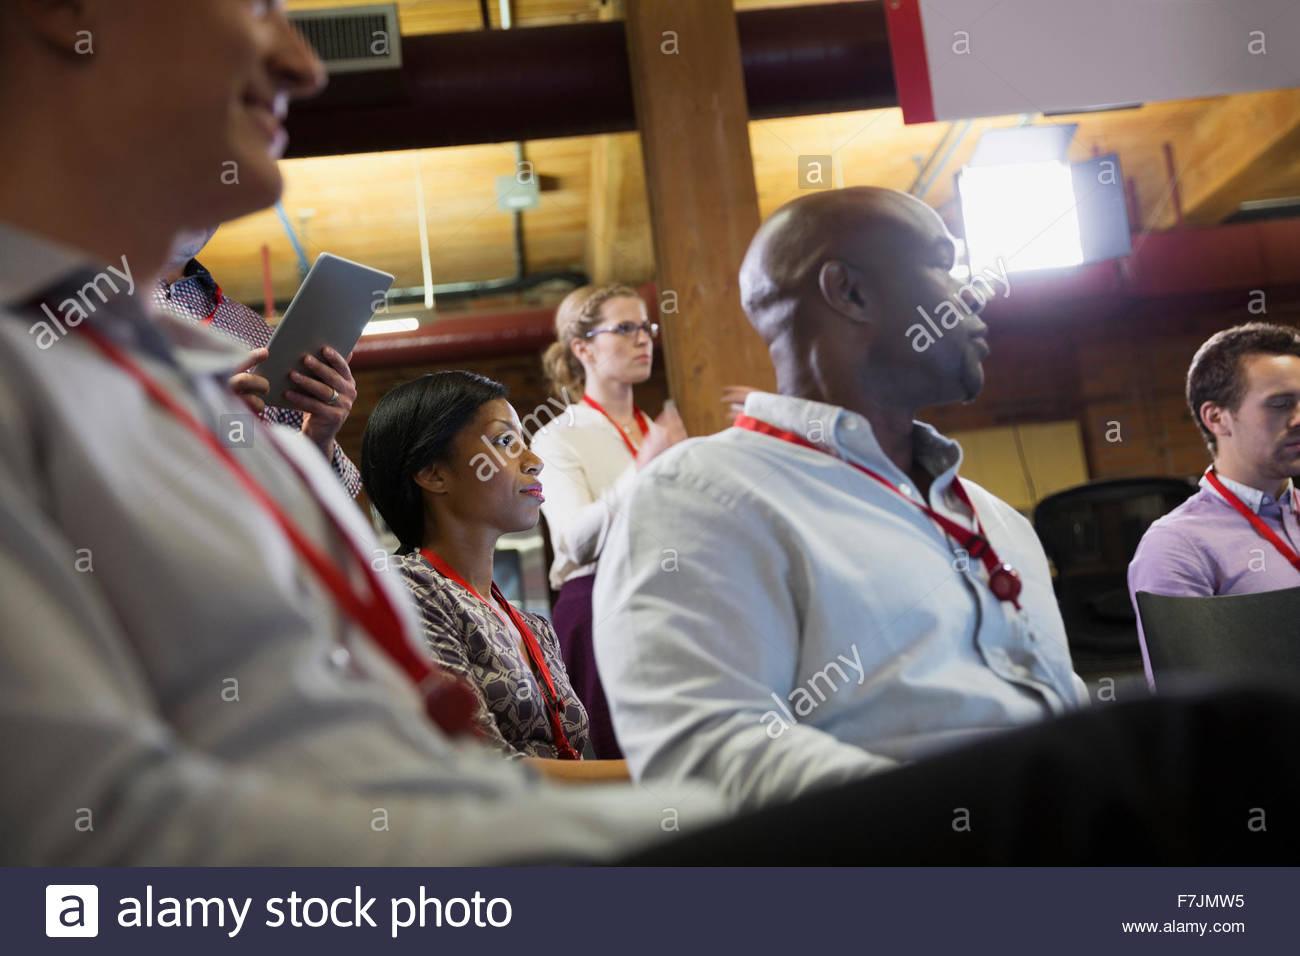 La gente de negocios en la audiencia de la conferencia Imagen De Stock